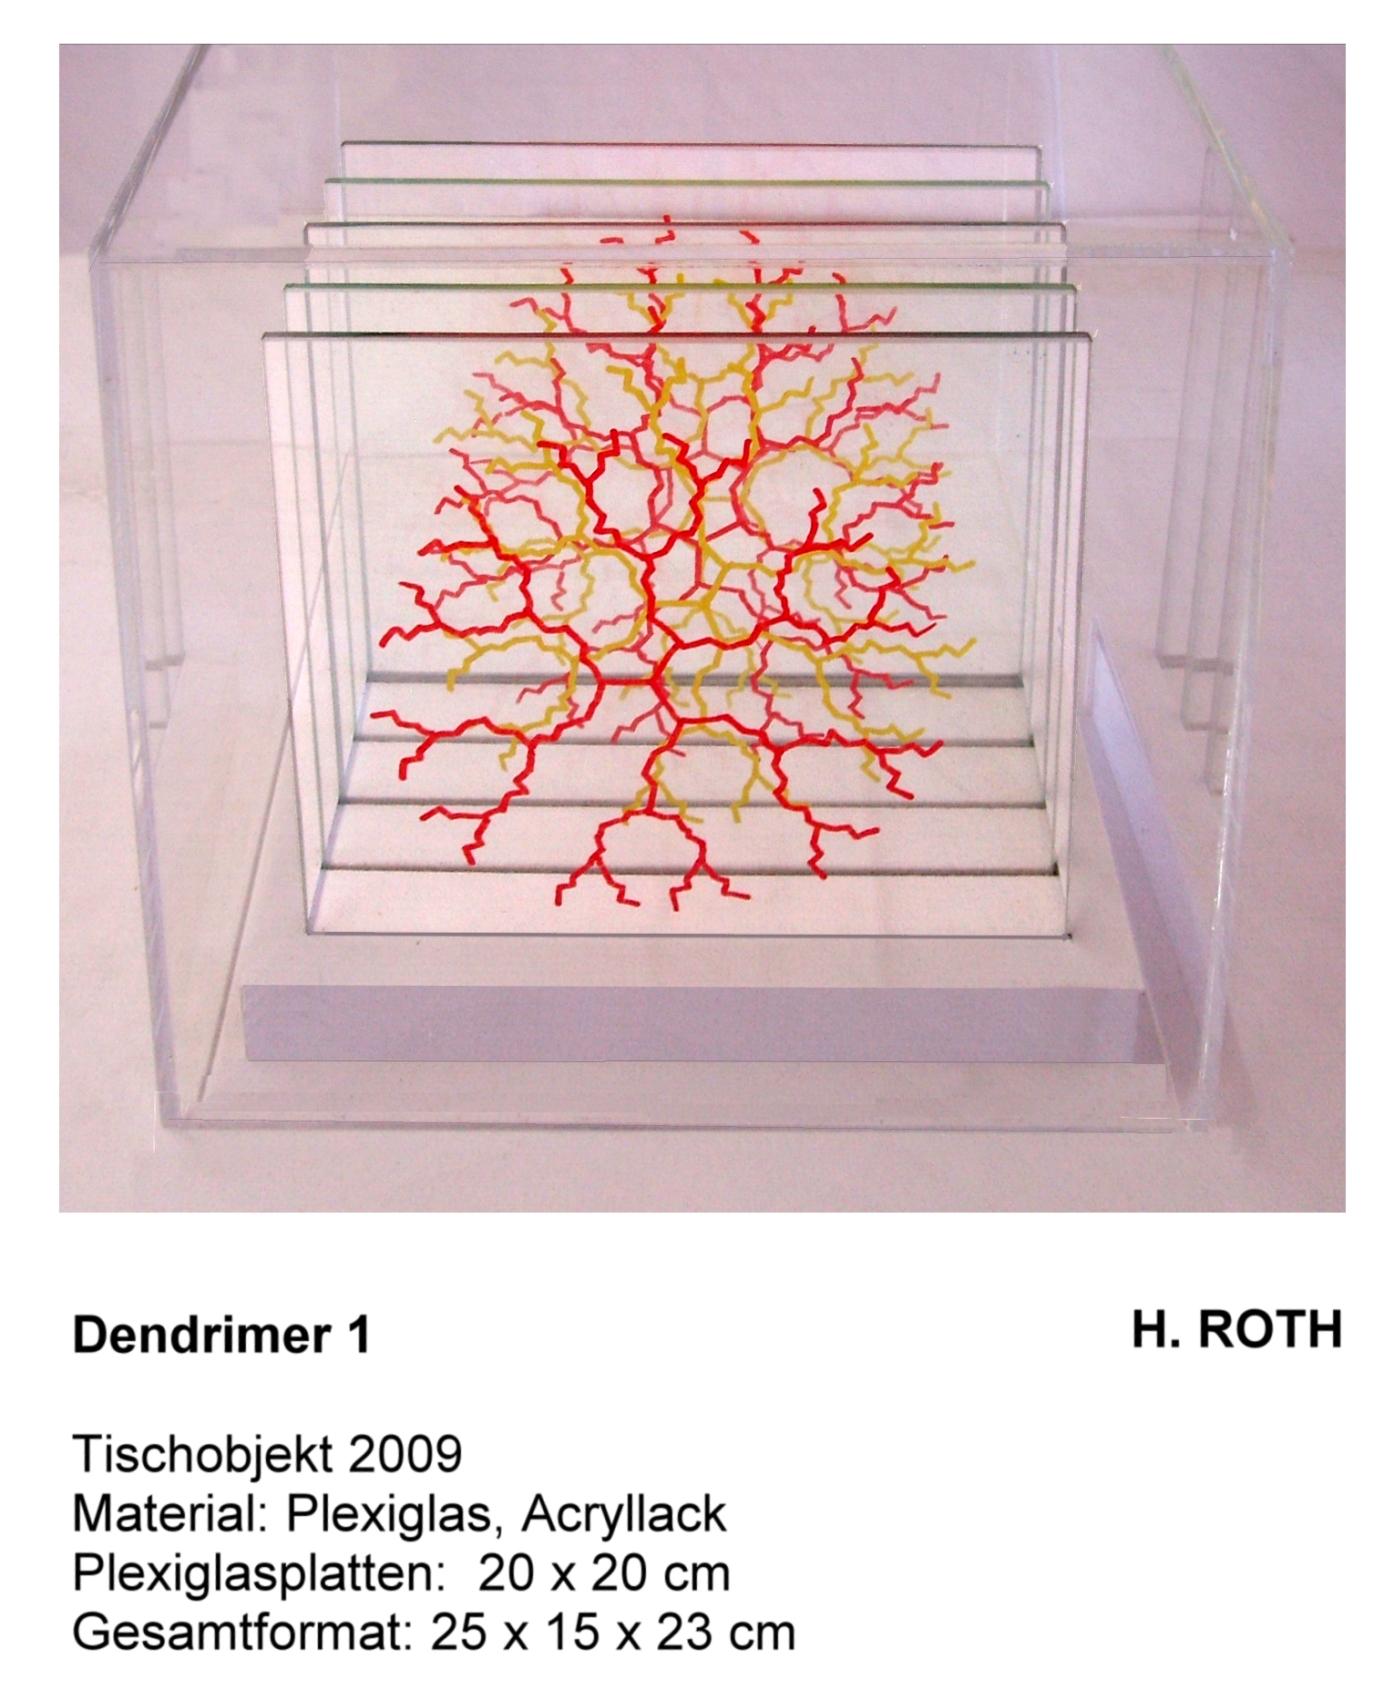 Dendrimer 1